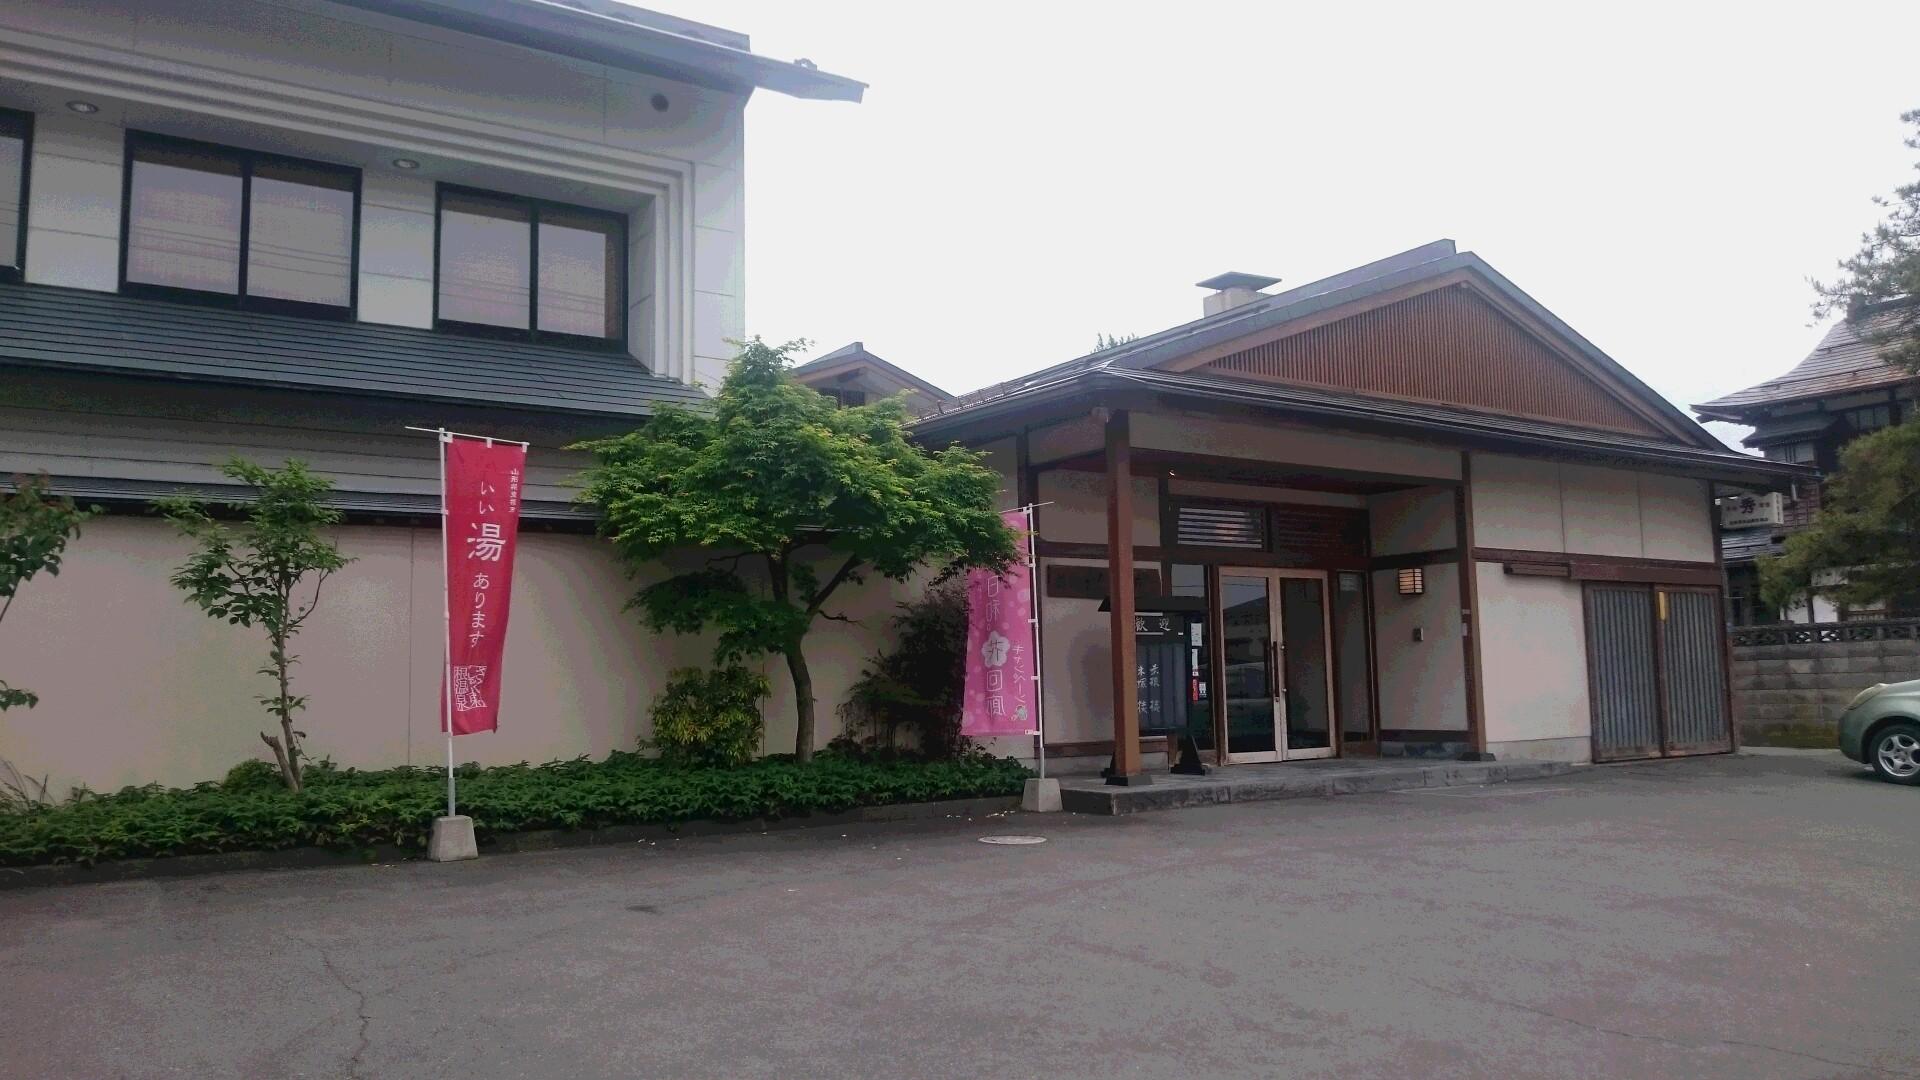 さくらんぼ東根温泉松浦屋の外観